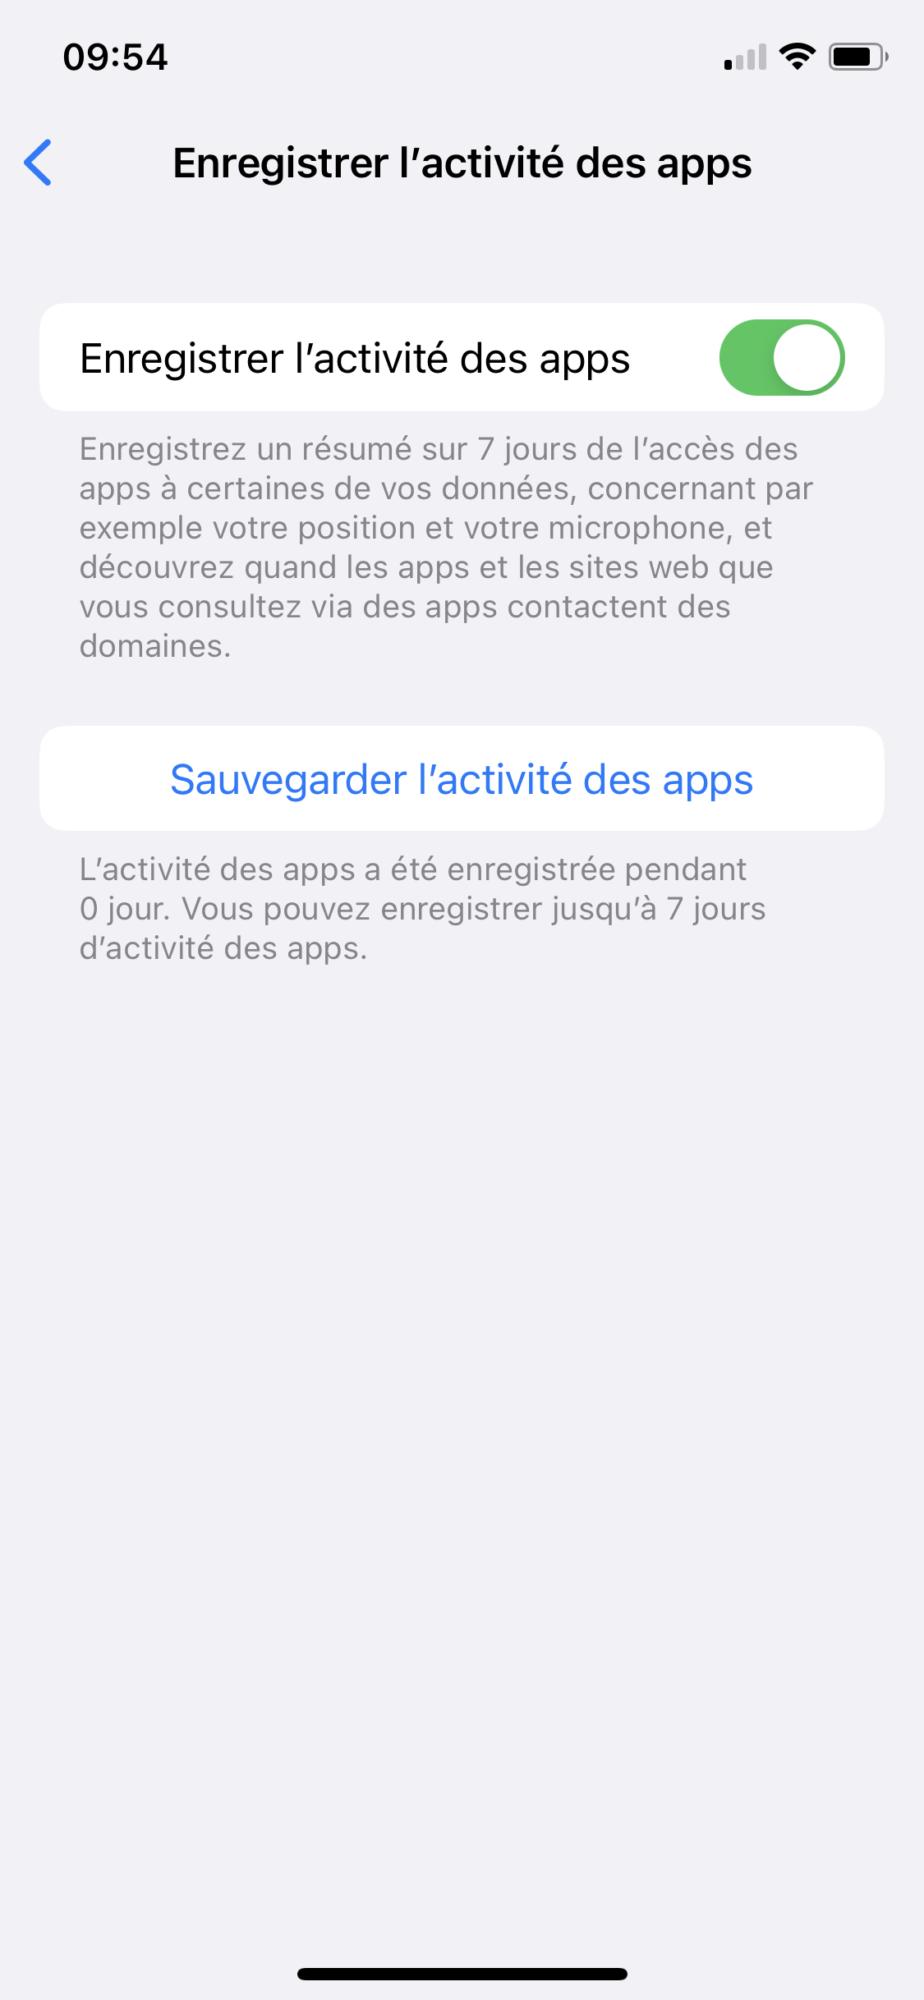 Enregistrer l'activité des apps.